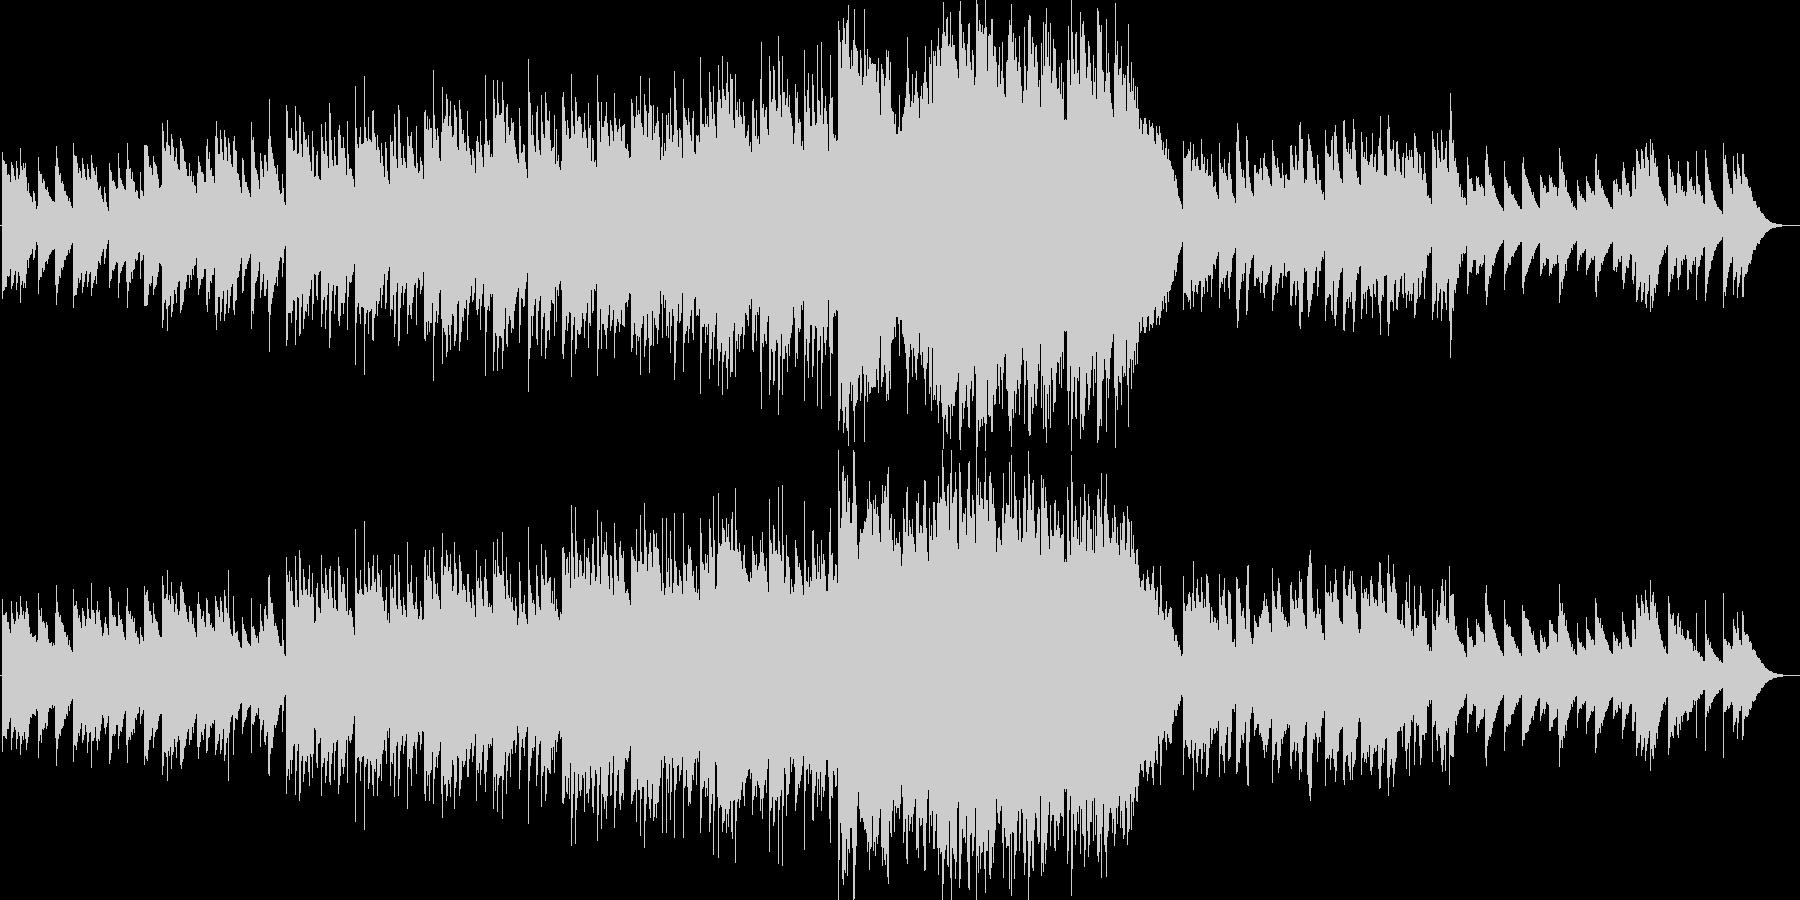 ビブラフォンメインの可愛らしい七夕曲の未再生の波形